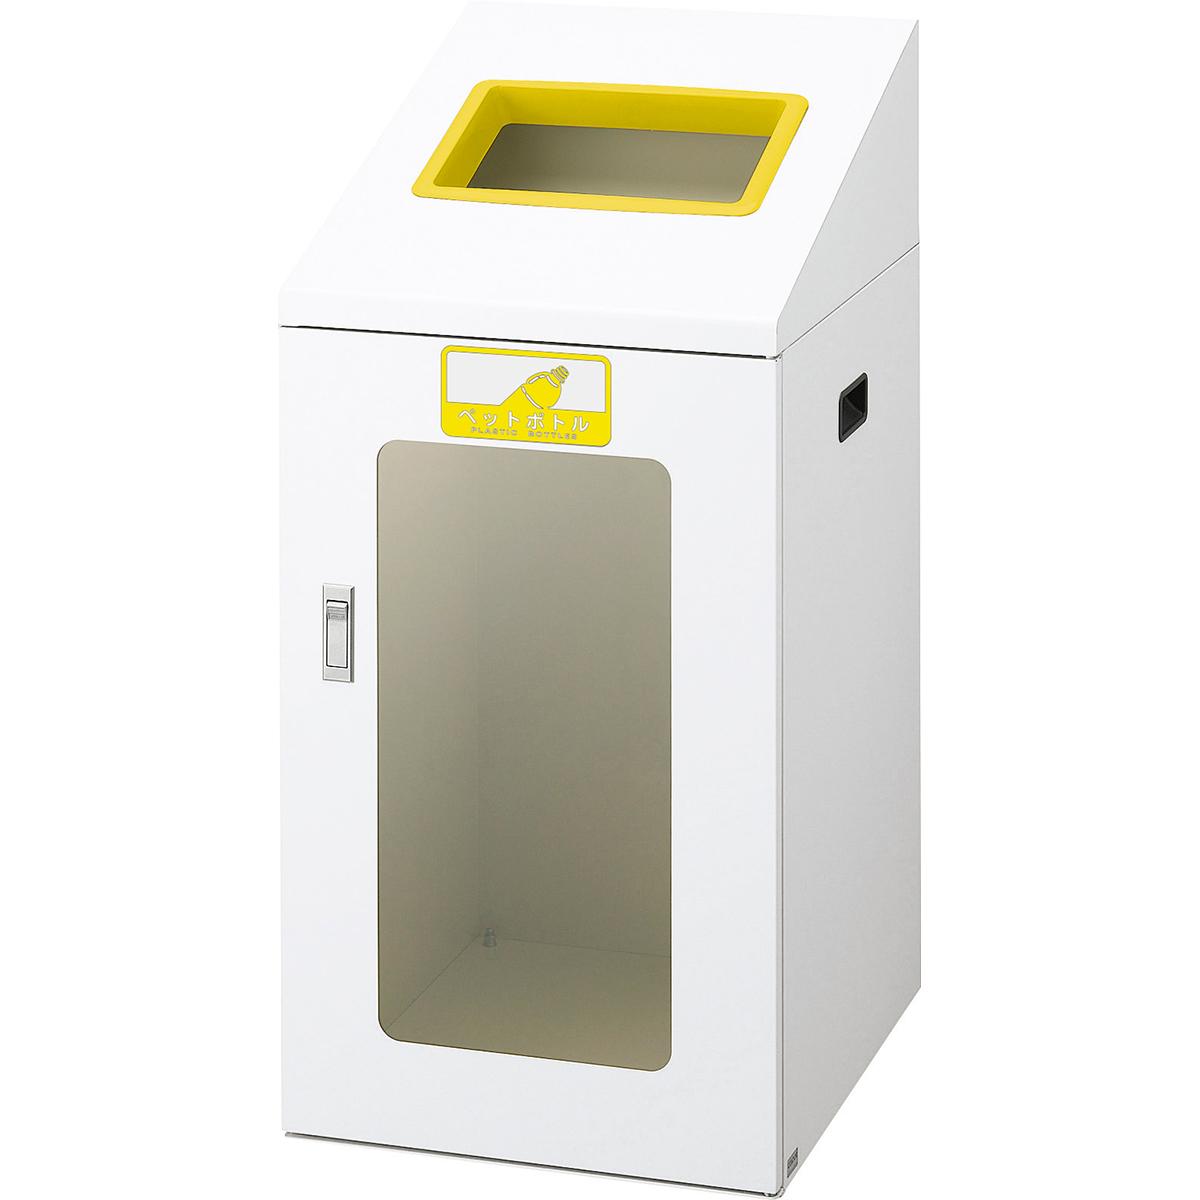 山崎産業 リサイクルボックス TIS-90 120L ペットボトル/Y(黄) (代引不可) YW-365L-ID